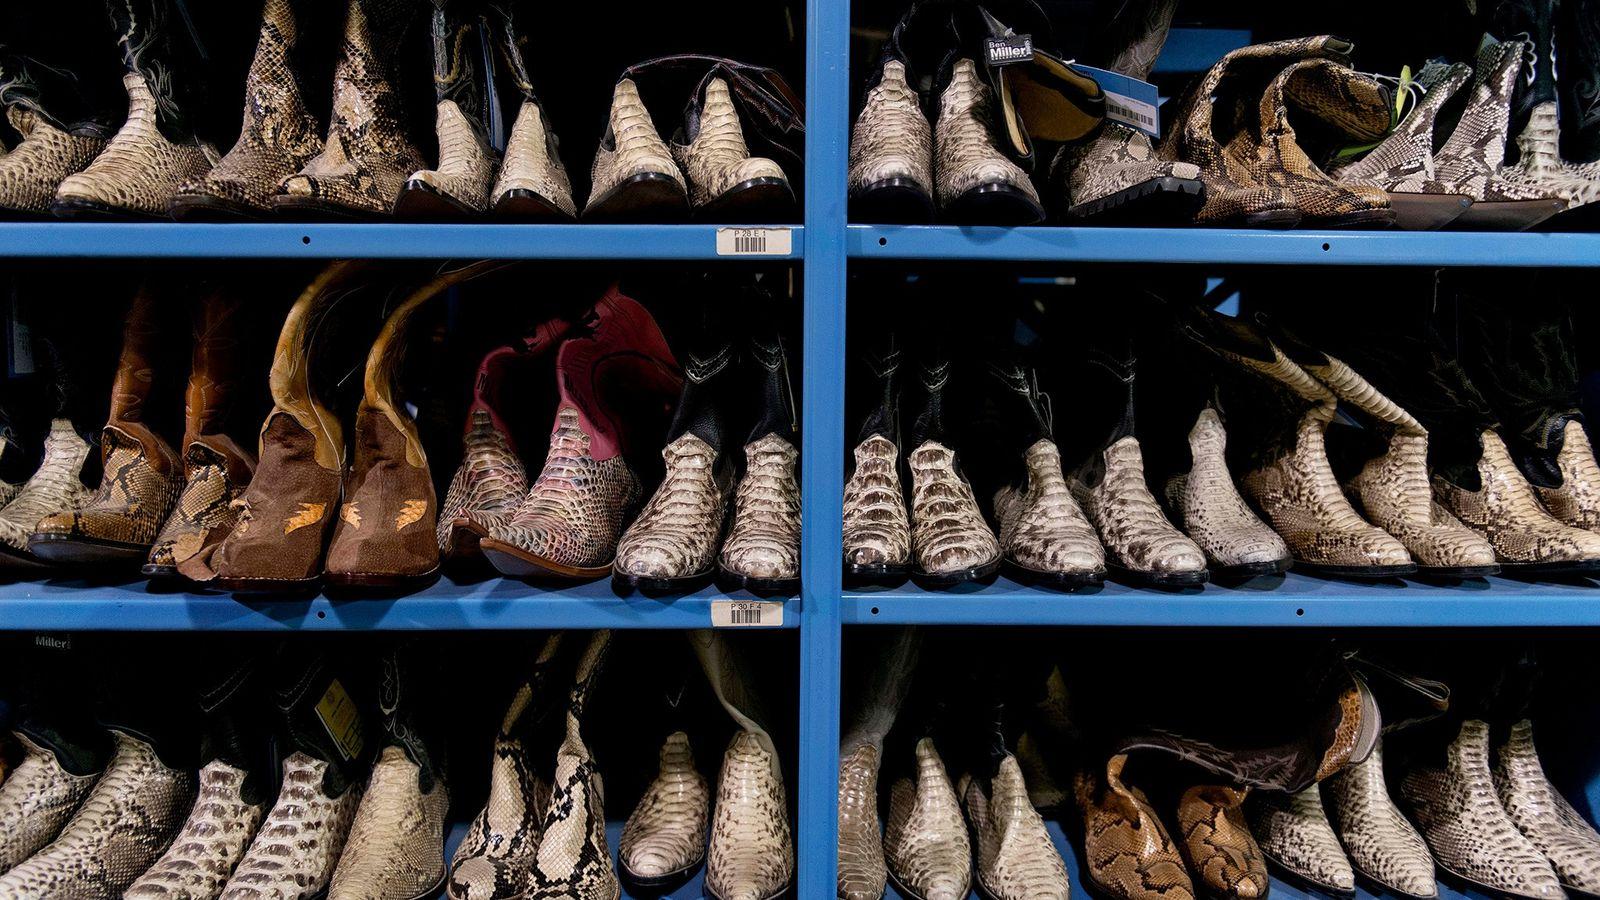 Ces bottes en cuir de reptile illégalement importées ont été saisies par les agents du Fish ...